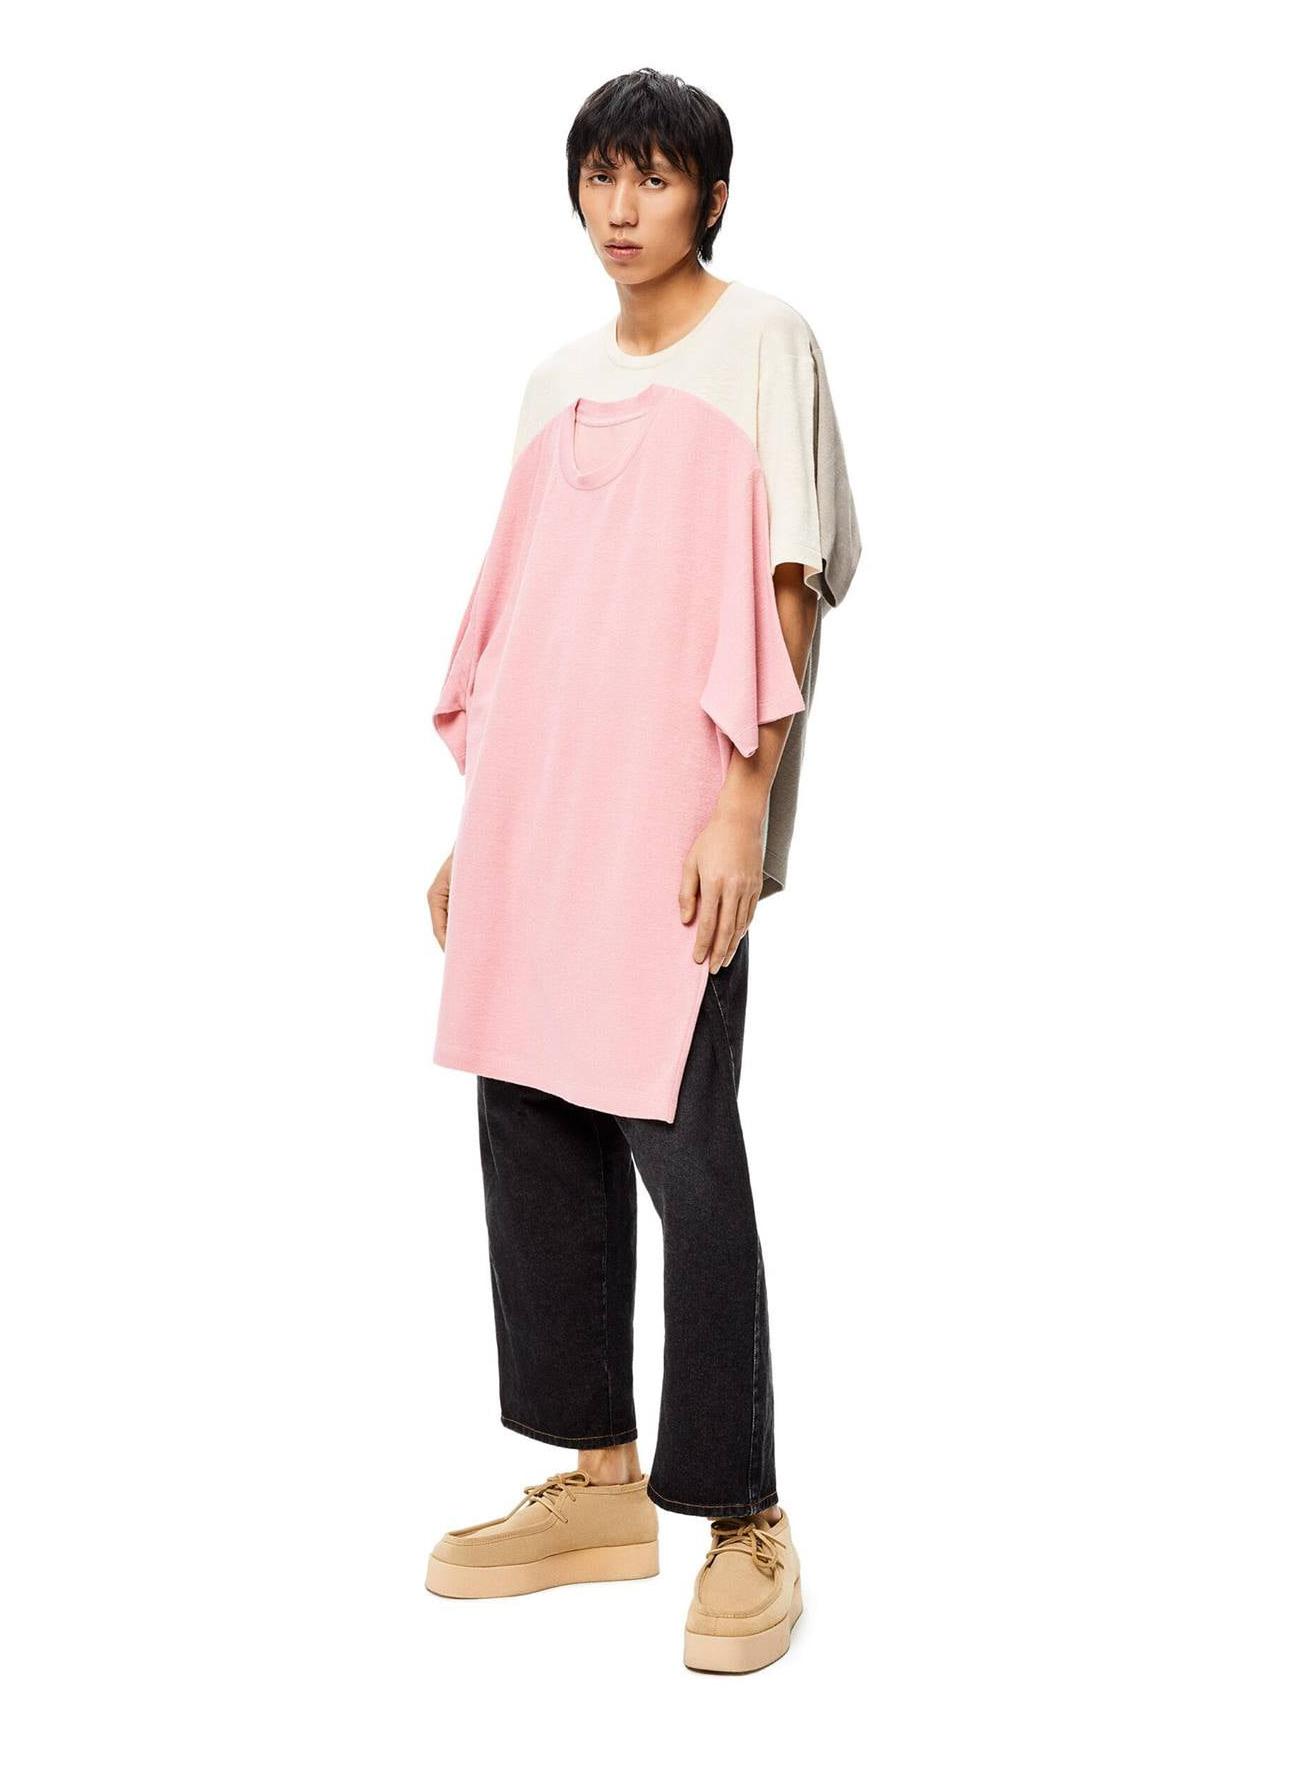 Khi bạn chui vào chiếc áo trắng, chiếc màu xám sẽ ở mặt sau còn chiếc màu hồng ở mặt trước nổi bật. Nhiều tín đồ thời trang hài hước nhận xét, đây dường như là chiếc áo sinh ra để dành cho tình tay ba.